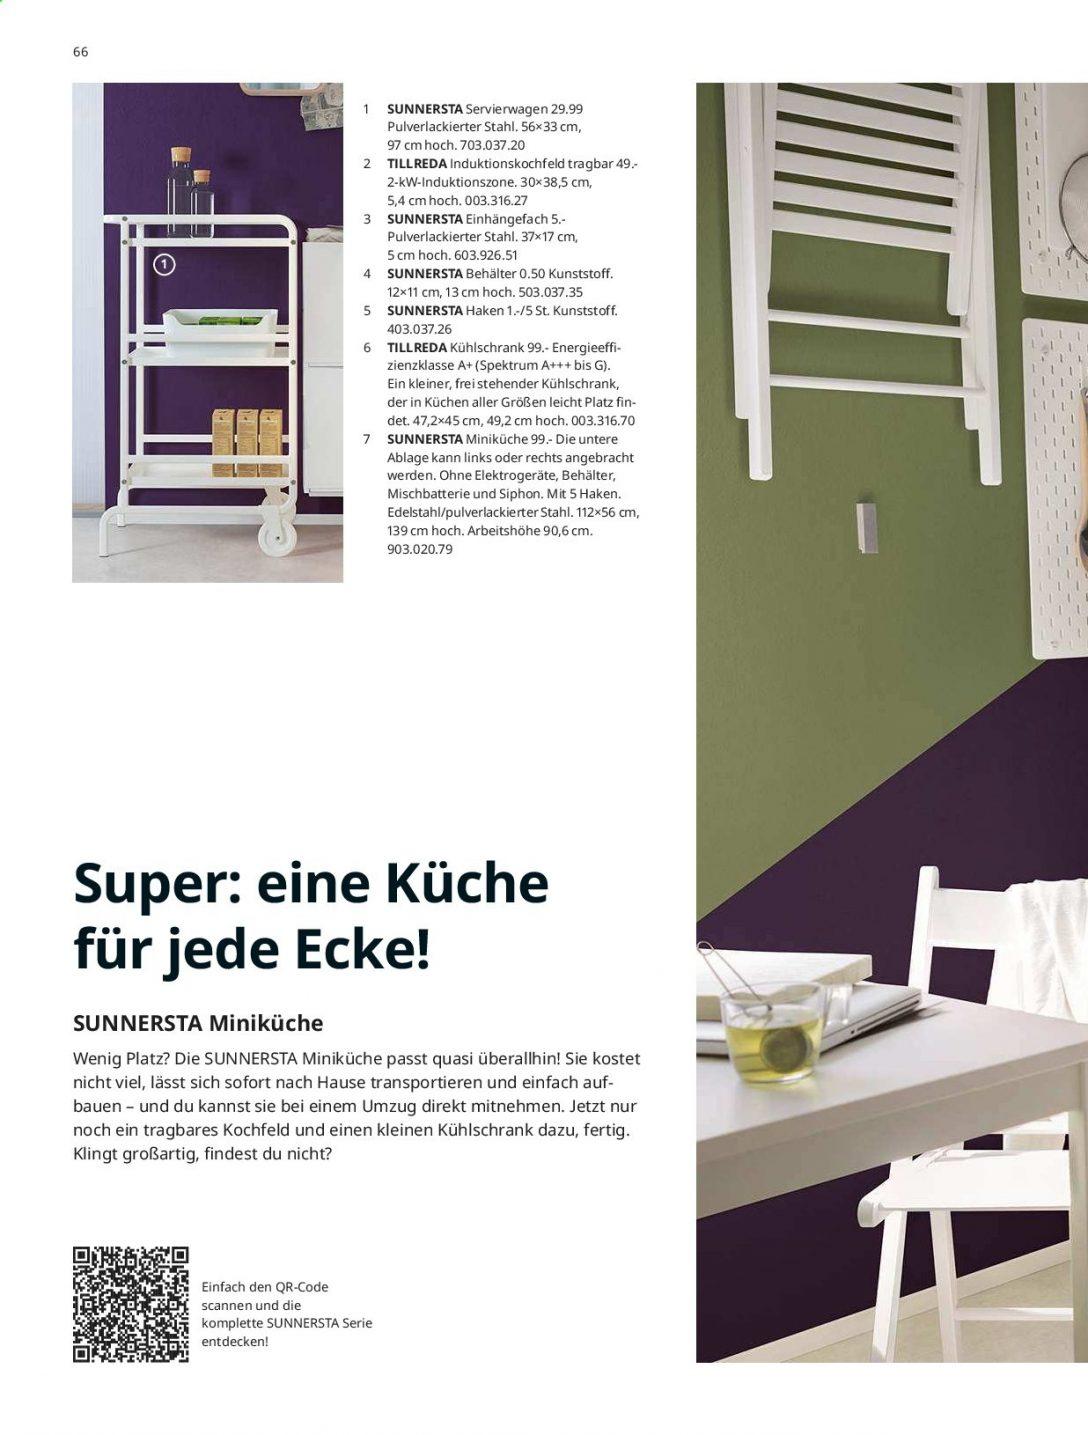 Large Size of Miniküche Ikea Aktuelles Prospekt 232020 3172020 Rabatt Kompass Betten 160x200 Mit Kühlschrank Küche Kosten Modulküche Sofa Schlaffunktion Kaufen Bei Wohnzimmer Miniküche Ikea